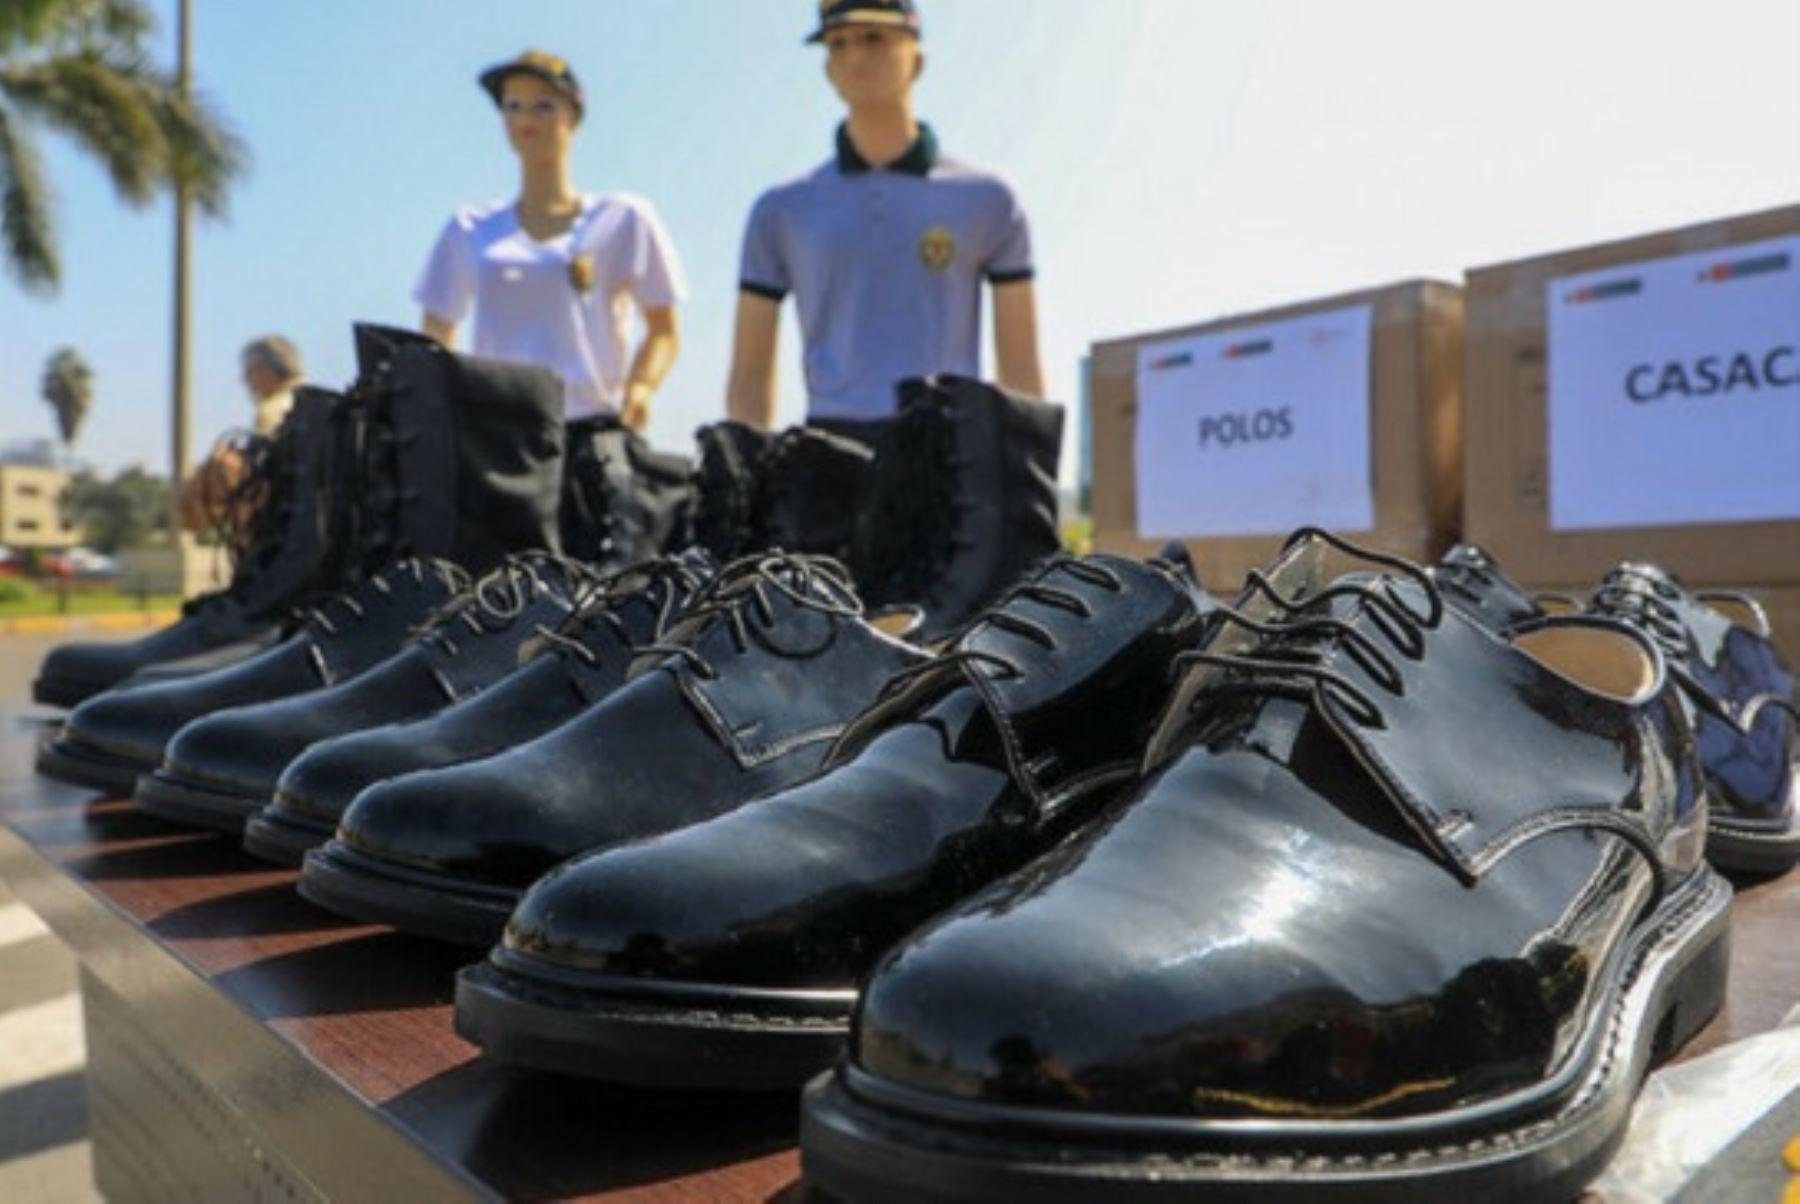 Calzado para la policía fabricado por las mypes. Foto: Cortesía.